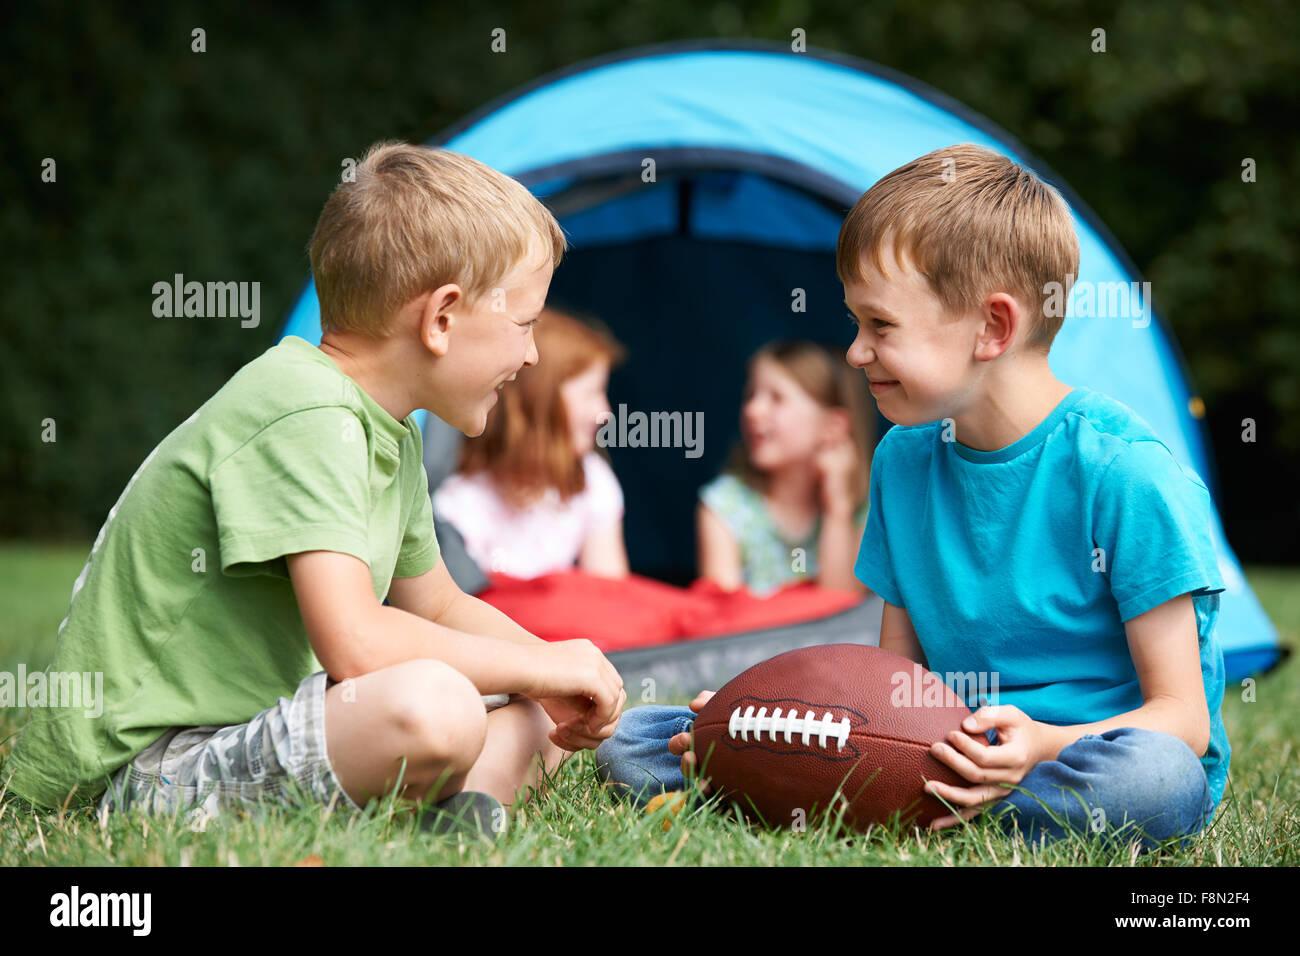 Deux garçons parler et jouer avec le football américain On camping Trip Photo Stock